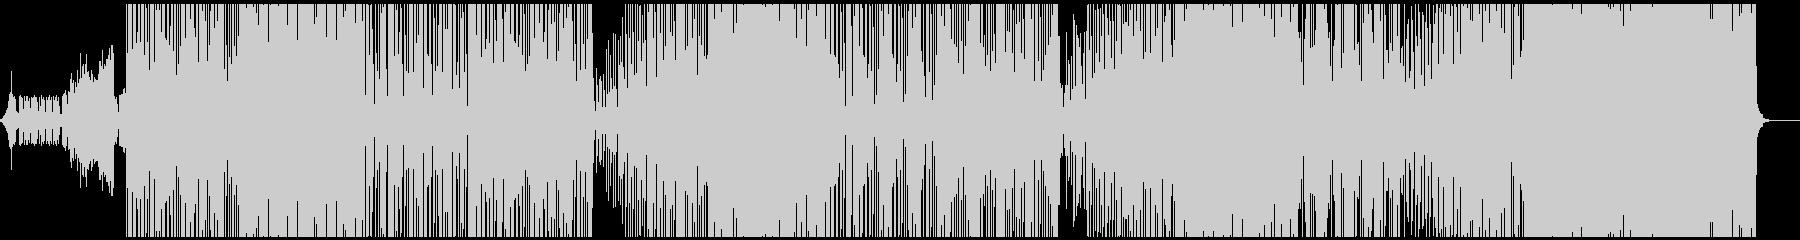 アコギの16ビートで刻む情熱的なポップスの未再生の波形